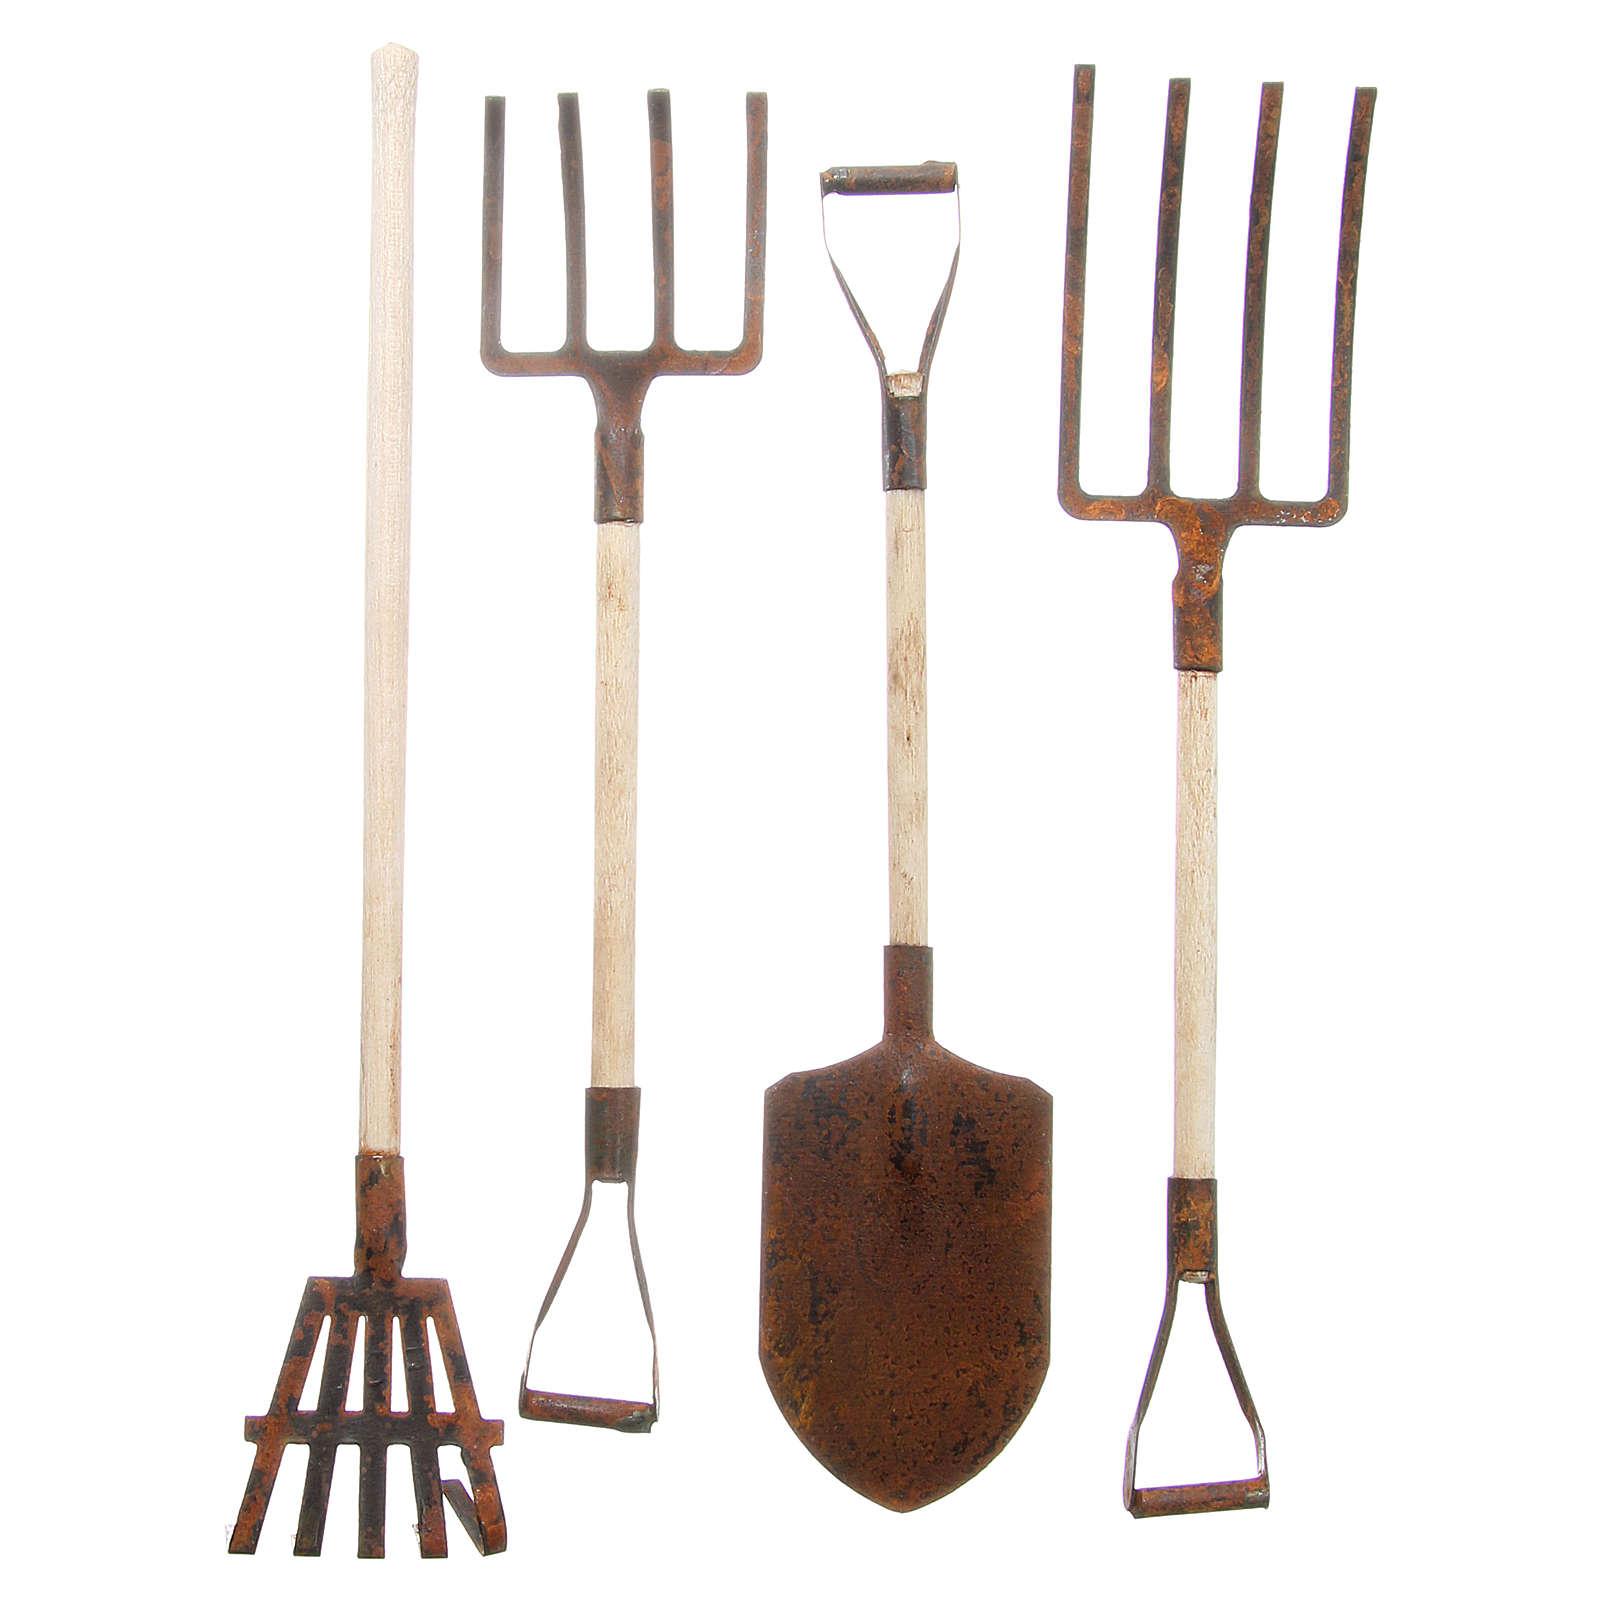 Herramientas de jardinería metal belén set 4 piezas 4